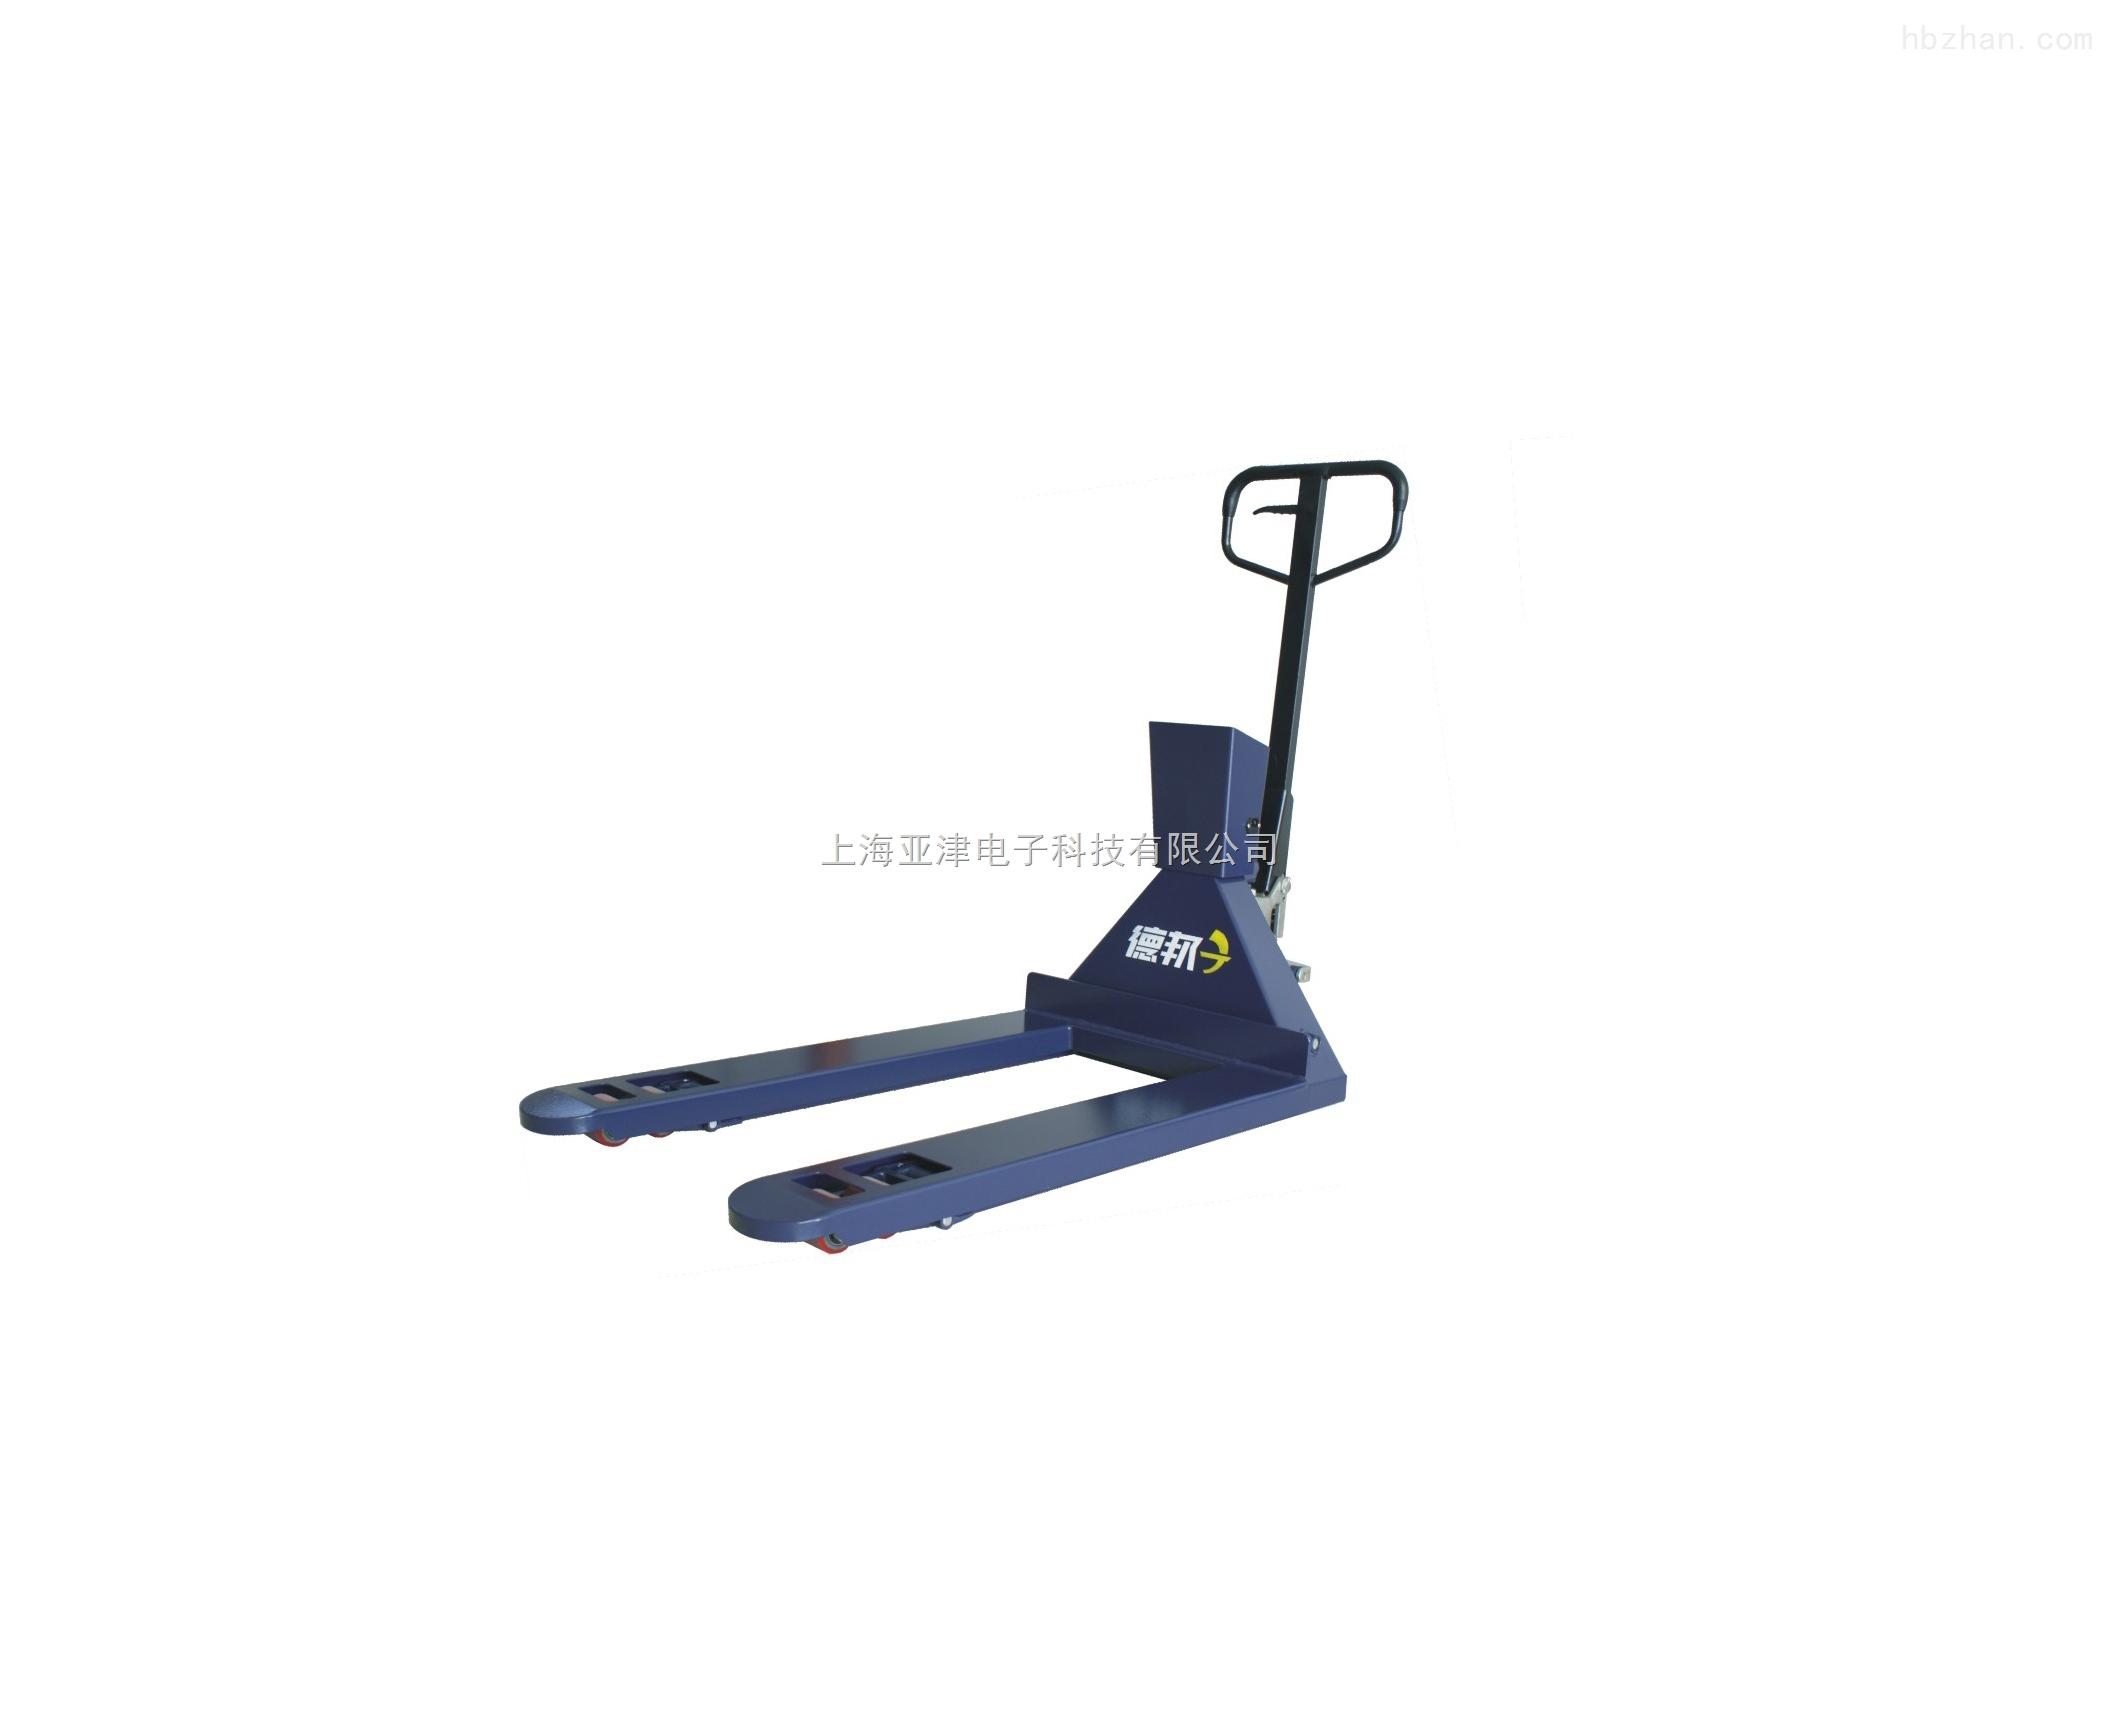 一、产品别名:防爆叉车秤、防爆地牛秤、防爆板车秤 二、产品简介: 防爆碳钢叉车秤是仓库车间使用的满足安全防爆要求的一款液压手动叉车称重器具,运输及称重一体结构。在叉车的基础上加装专用模具冲压结构的称重模块与显示器设计的称重产品。便于称重与货物搬运的同步解决,提高作业效率。 叉车秤整体碳钢材质制作,表面经电镀喷塑与防静电处理。 标配防爆型称重传感器经特殊制作,使加装的模块与车体有机衔接一体。标配本安防爆显示器与防爆接线盒,防爆等级EX iaIICT5。 车体升限85mm~200mm。针对用户不同托盘规格,可